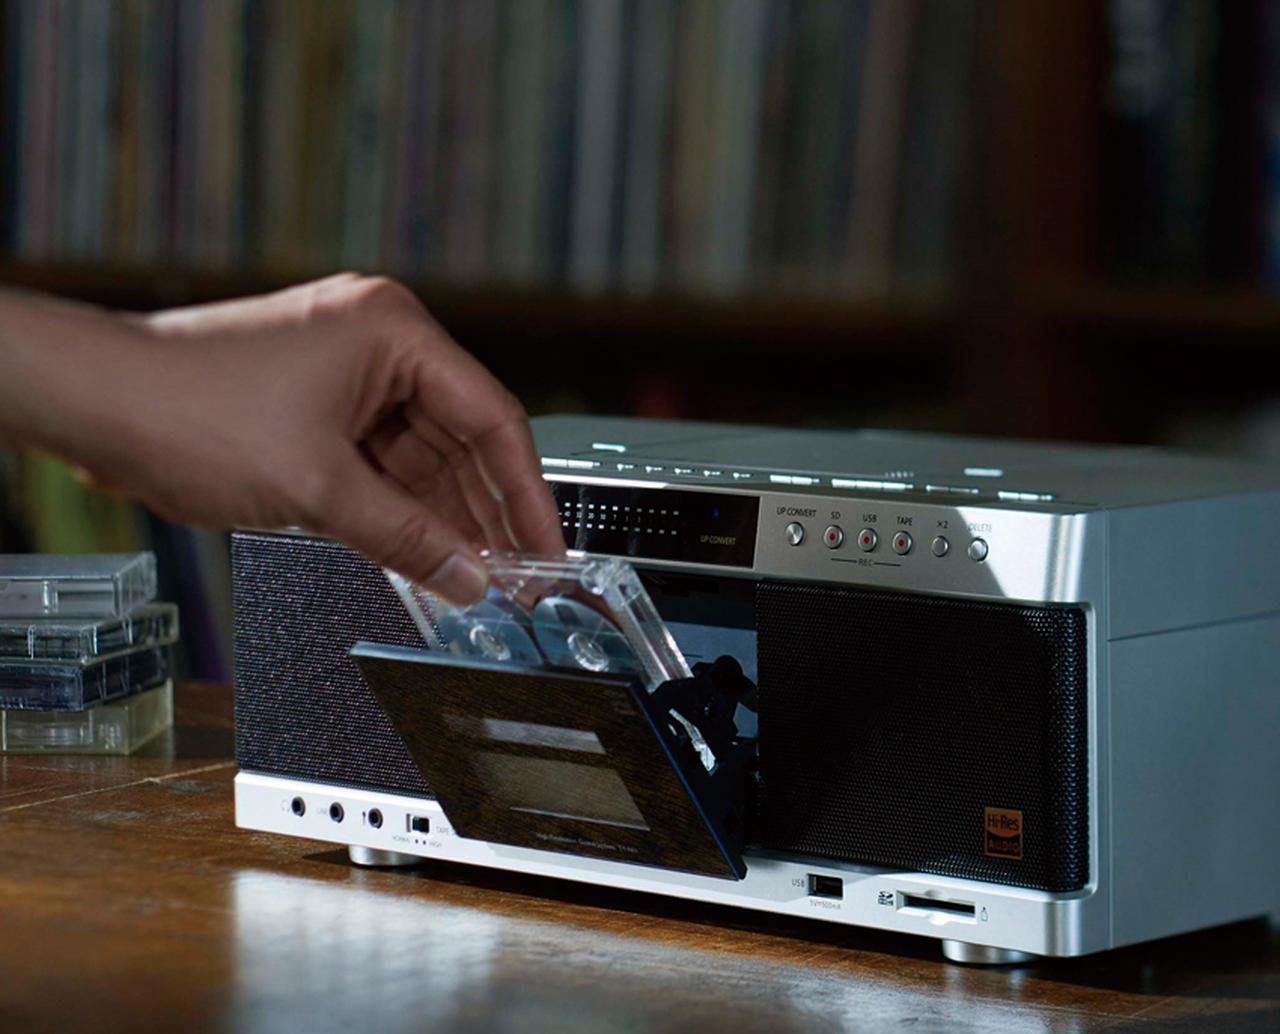 画像: ノーマルテープだけでなく、ハイポジションテープ(TYPEⅡ)の再生にも対応。前面にはデジタルのテープカウンターやLEDのレベルメーターも装備する。